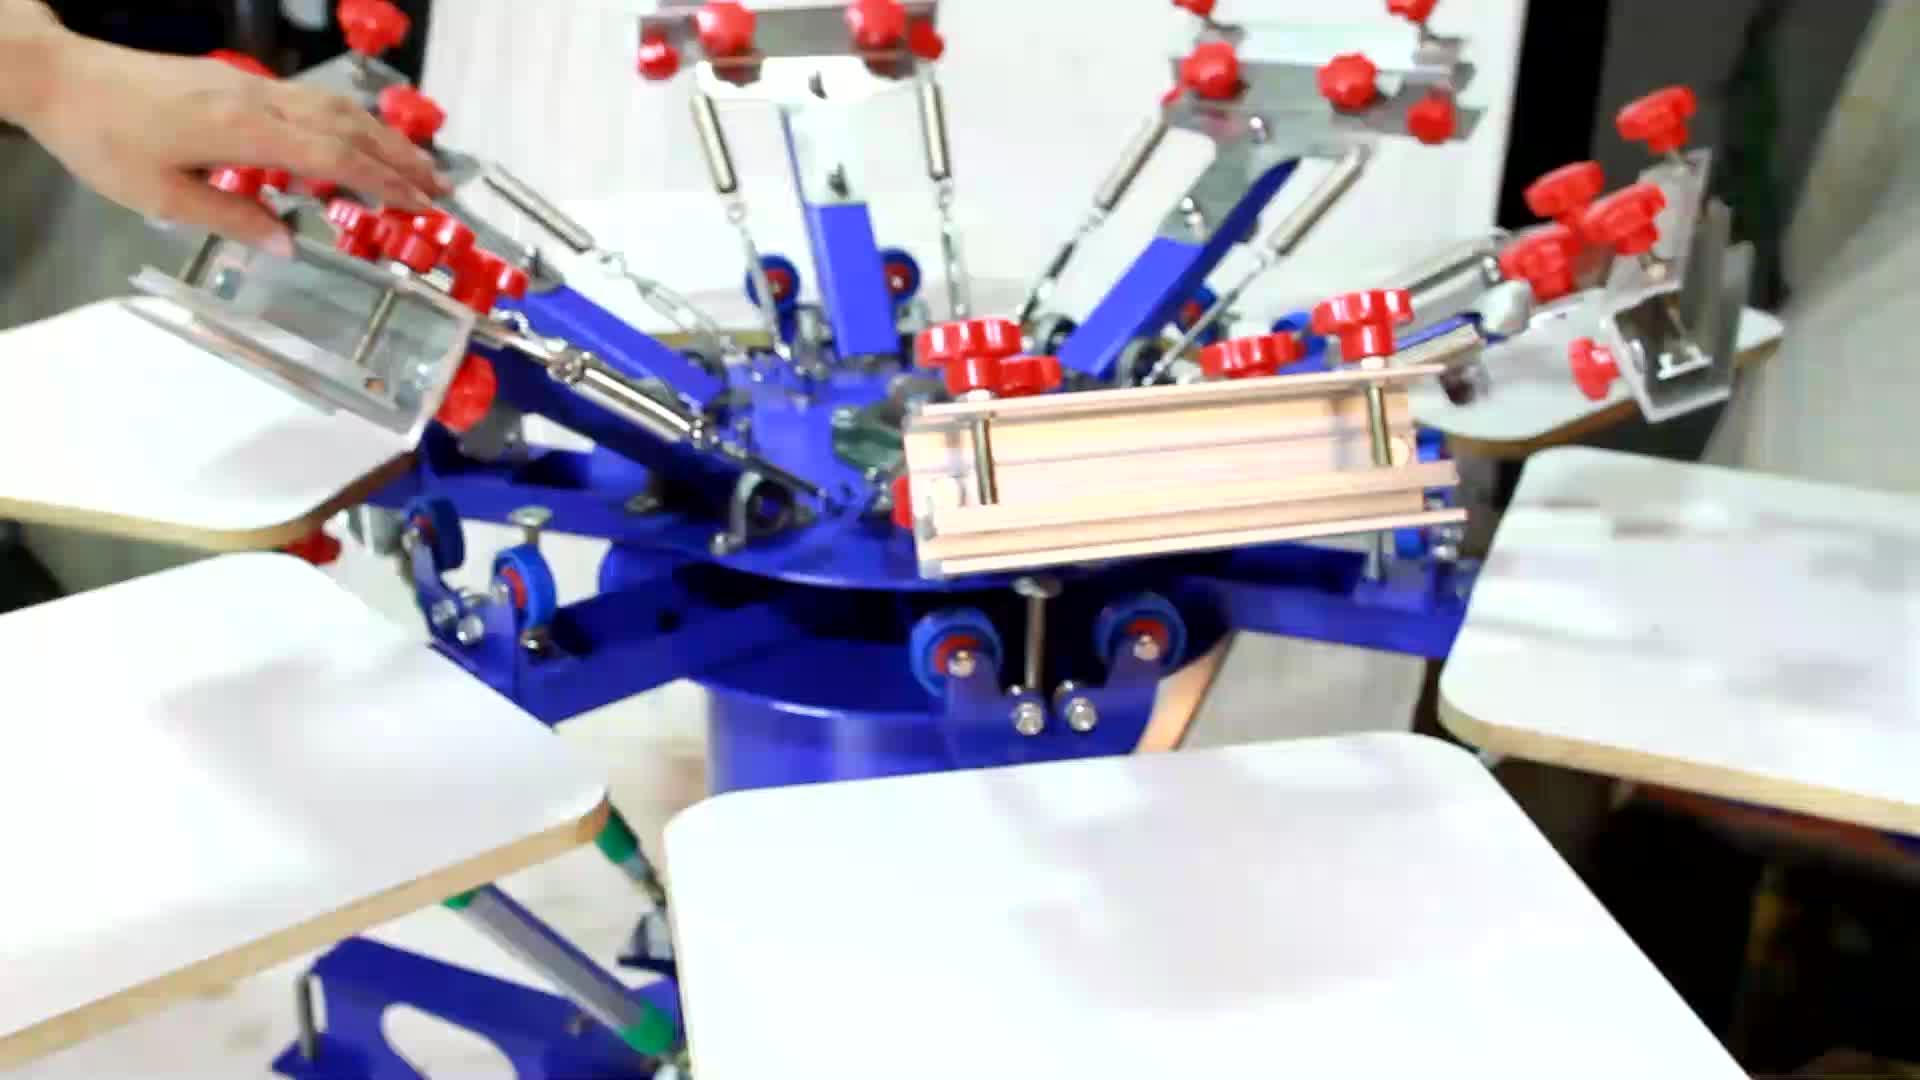 6 renk 6 istasyon manuel t-shirt çift tekerlek rotatif ekran BASKI MAKİNESİ